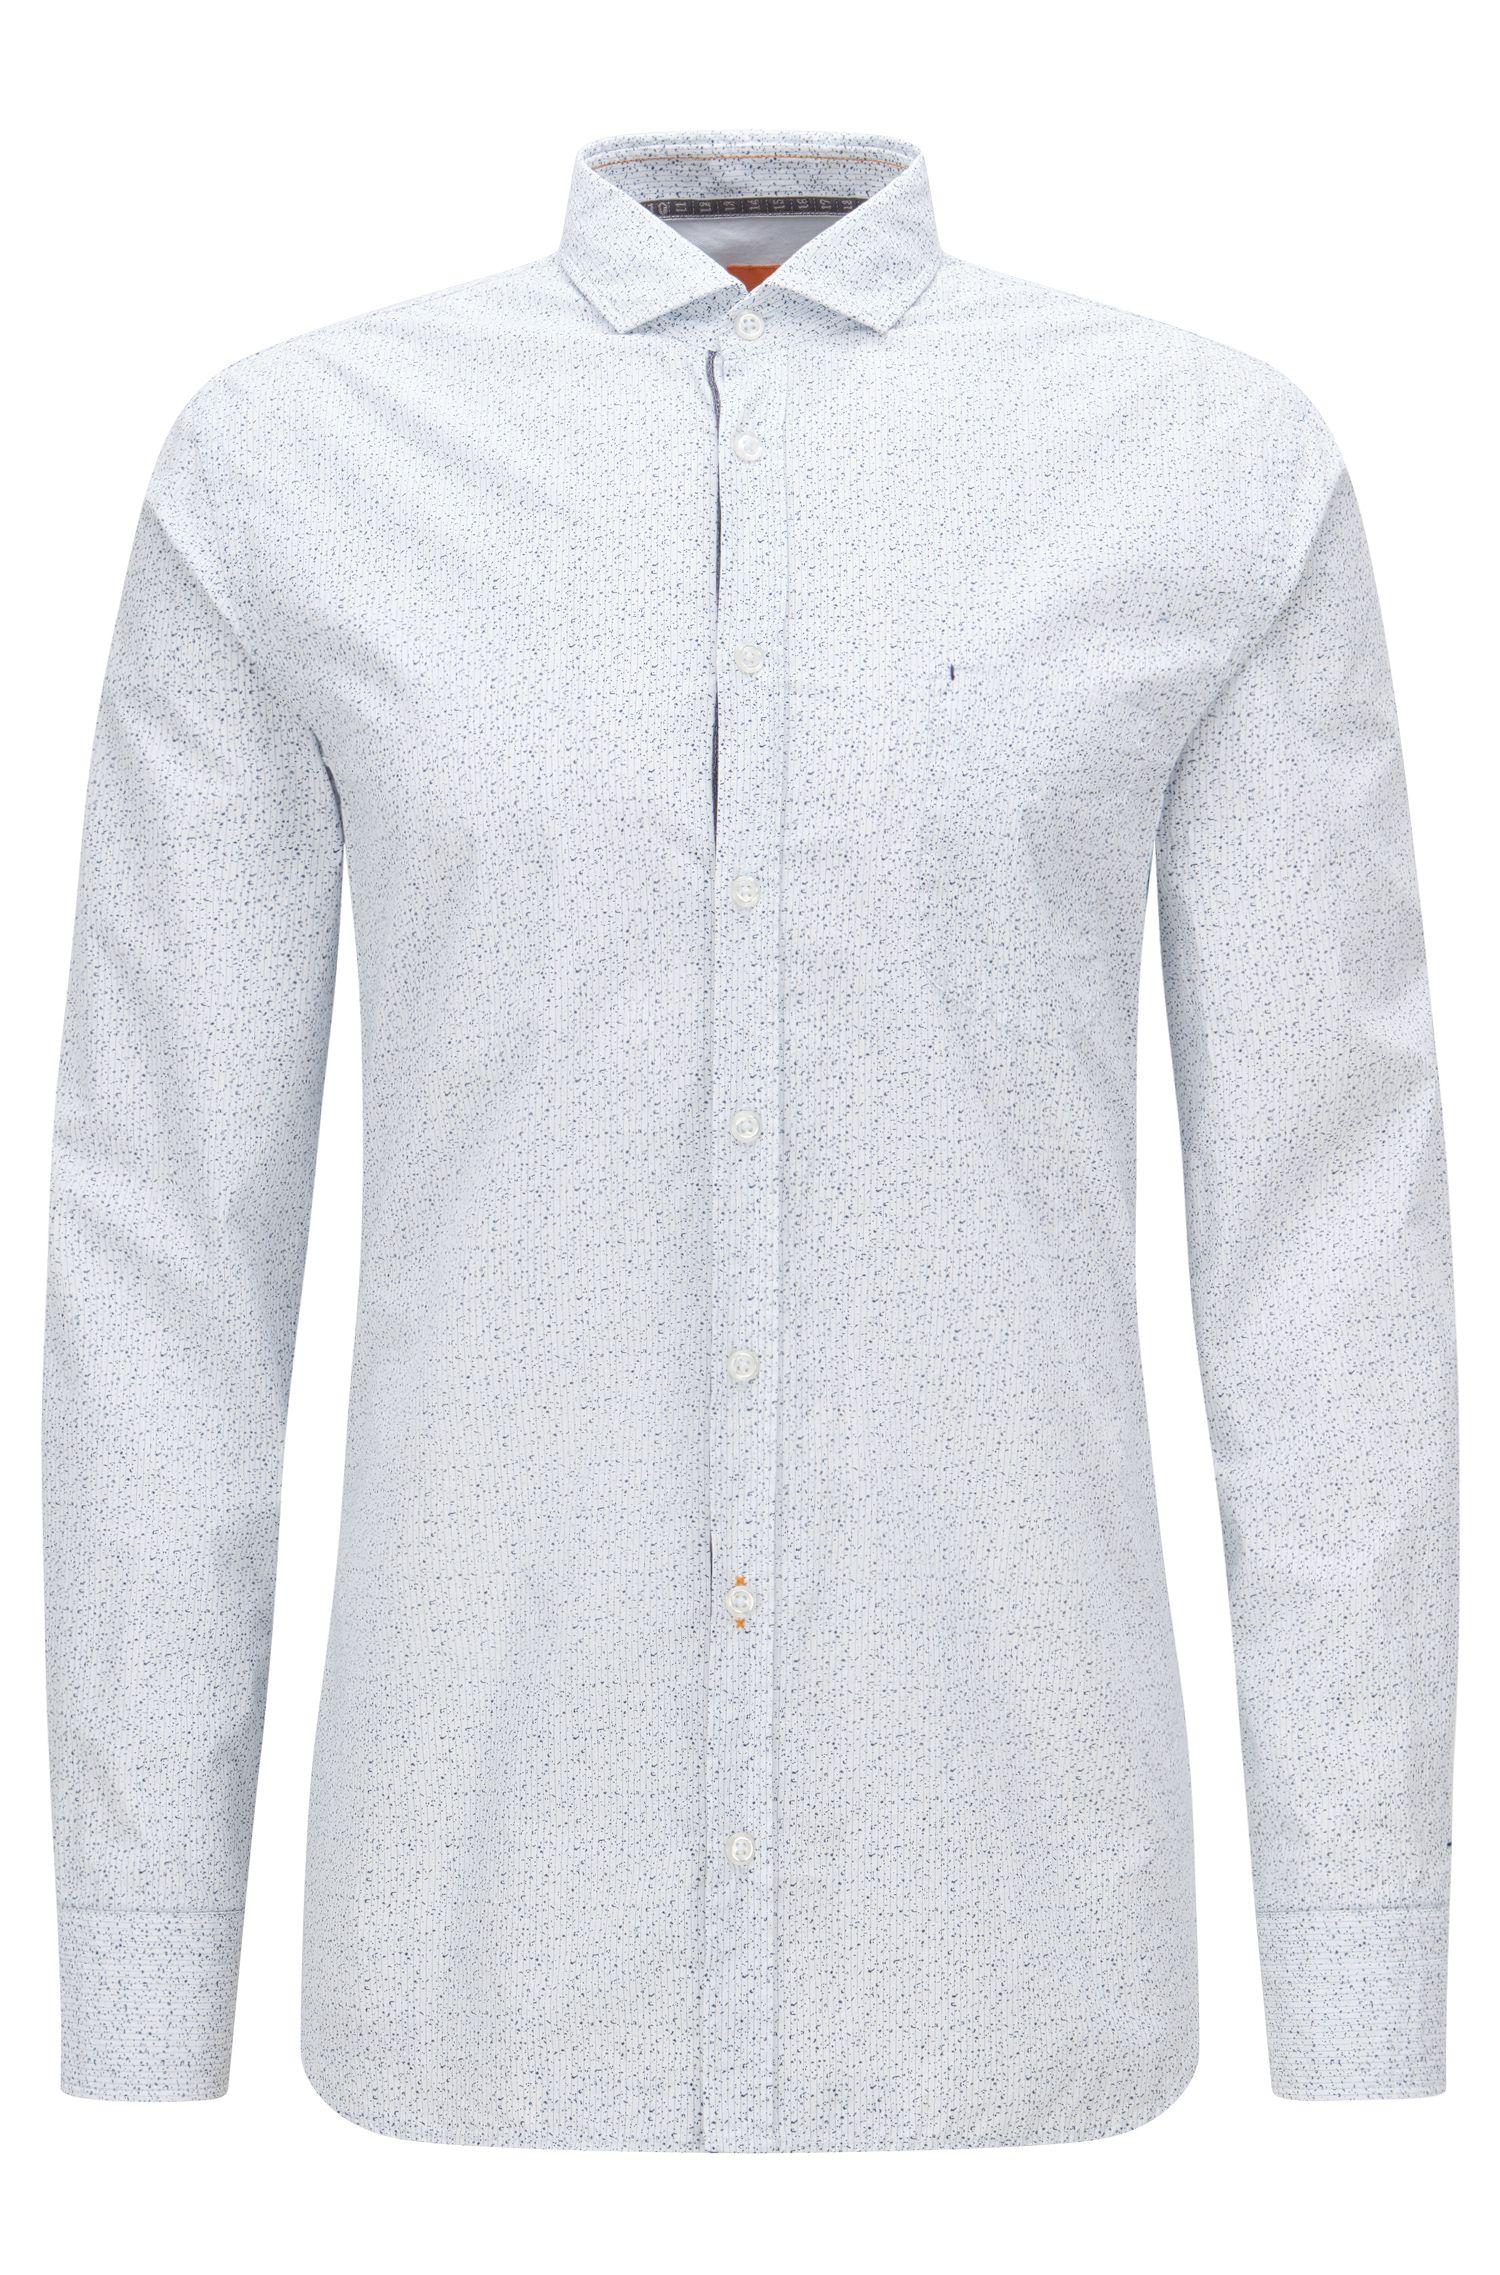 Fein gemustertes Slim-Fit Hemd aus reiner Baumwolle